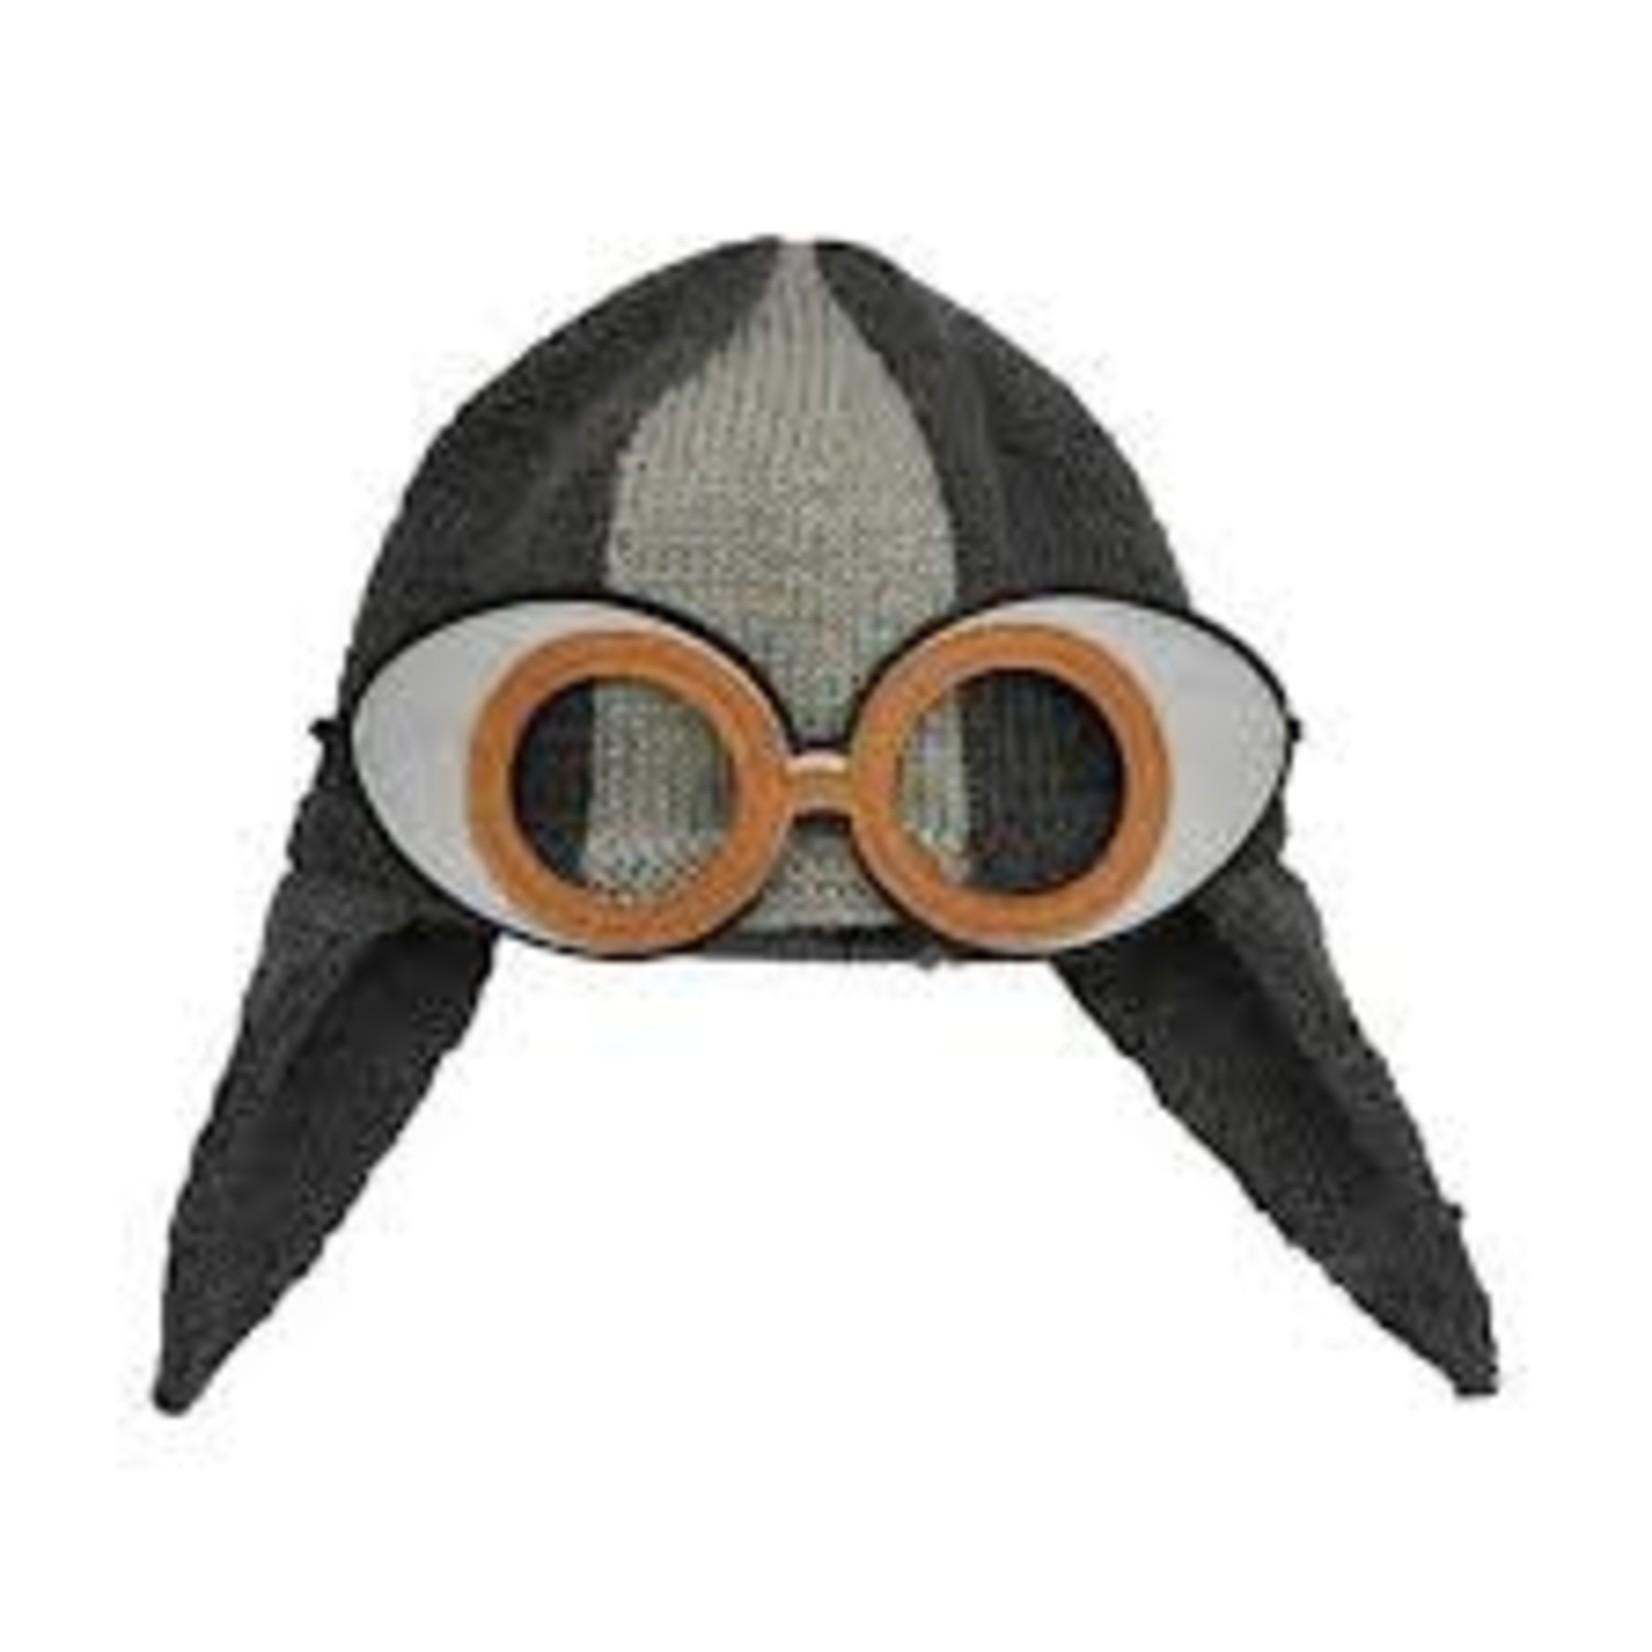 HATS OVER HEELS HATS OVER HEELS muts merino wol bril